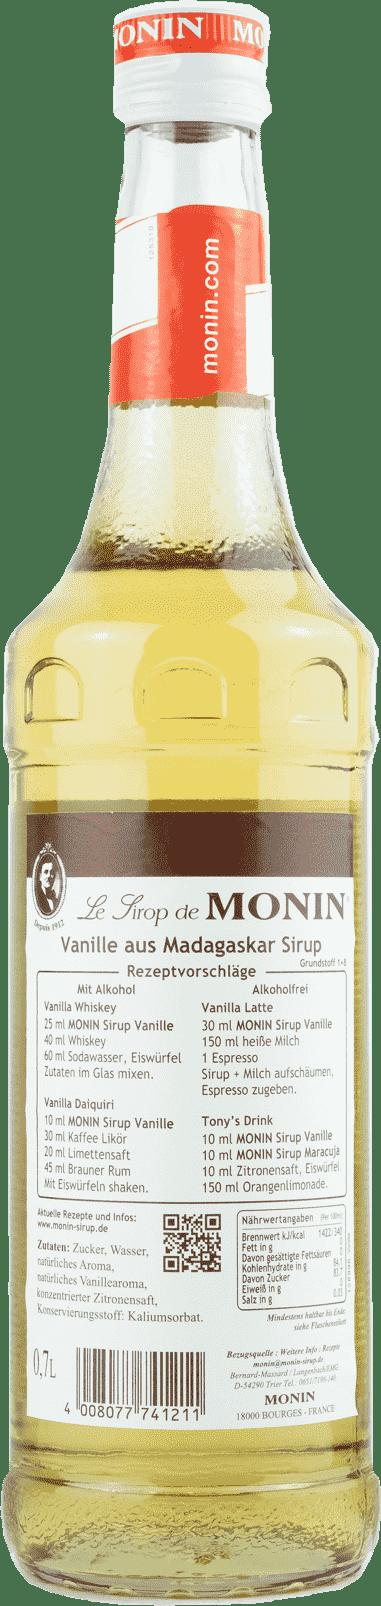 Monin Sirup Vanille 0,7l  Madagaskar